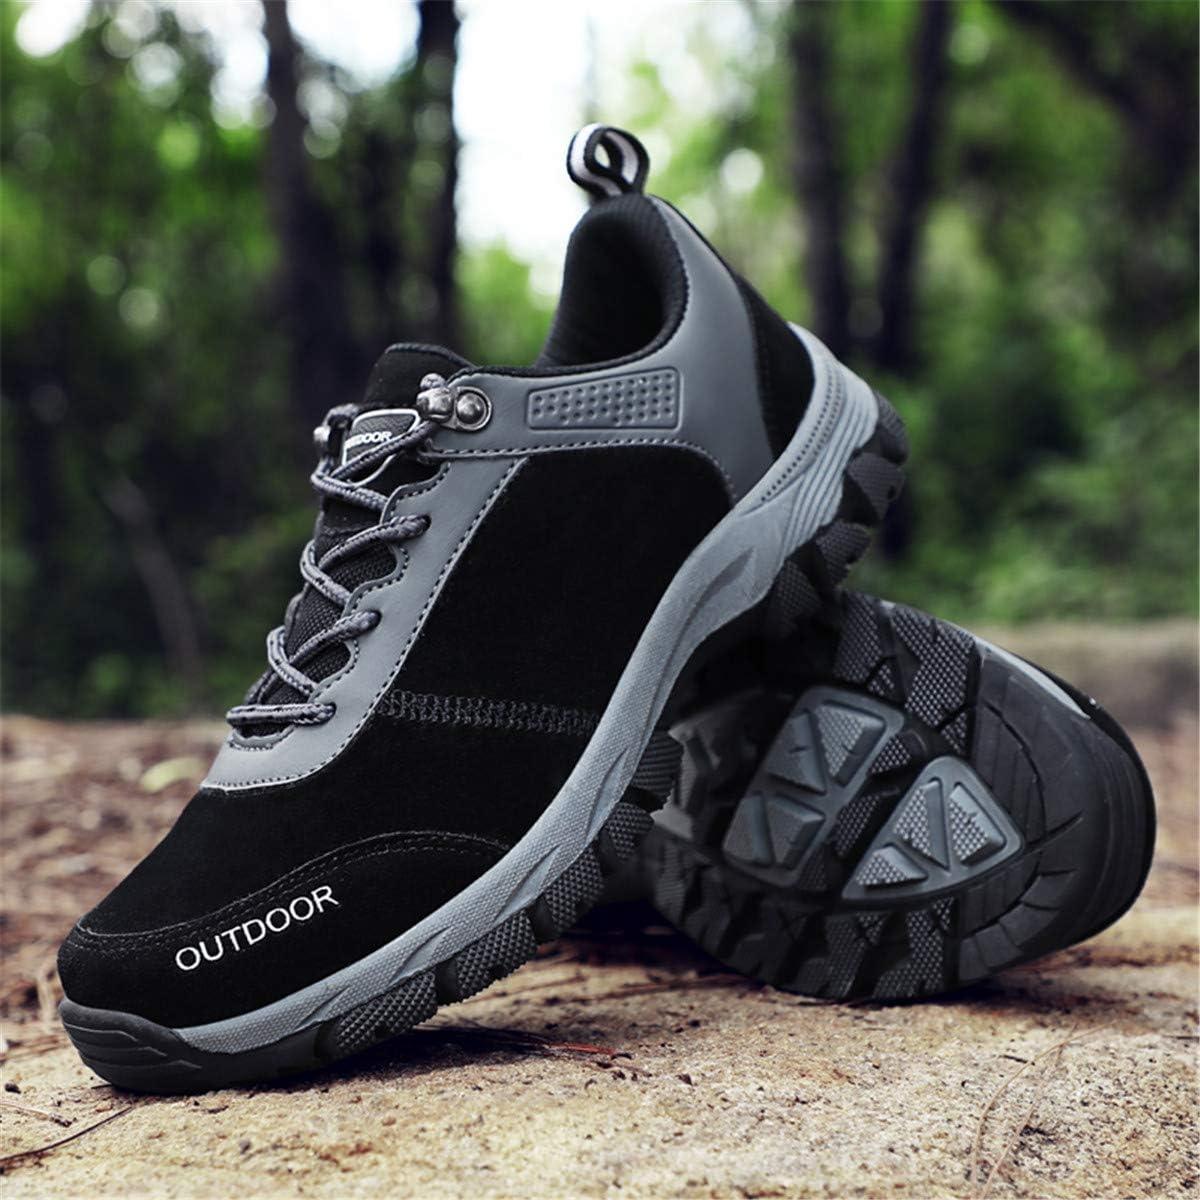 gracosy Hombres Zapatos de Senderismo Al Aire Libre Zapatos Bajos Antideslizante Botas de Nieve Zapatillas de Deporte Monta/ñismo Running Entrenamiento Ultraligero Sneakers 2019,Gris Negro